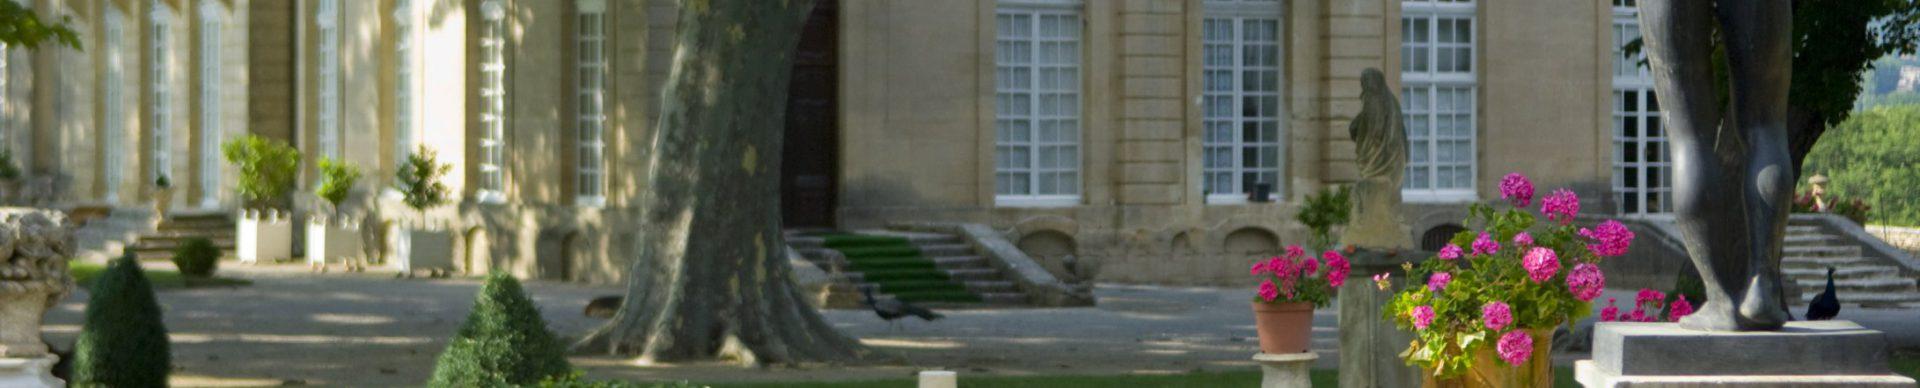 Built heritage Château de Sauvan à Mane